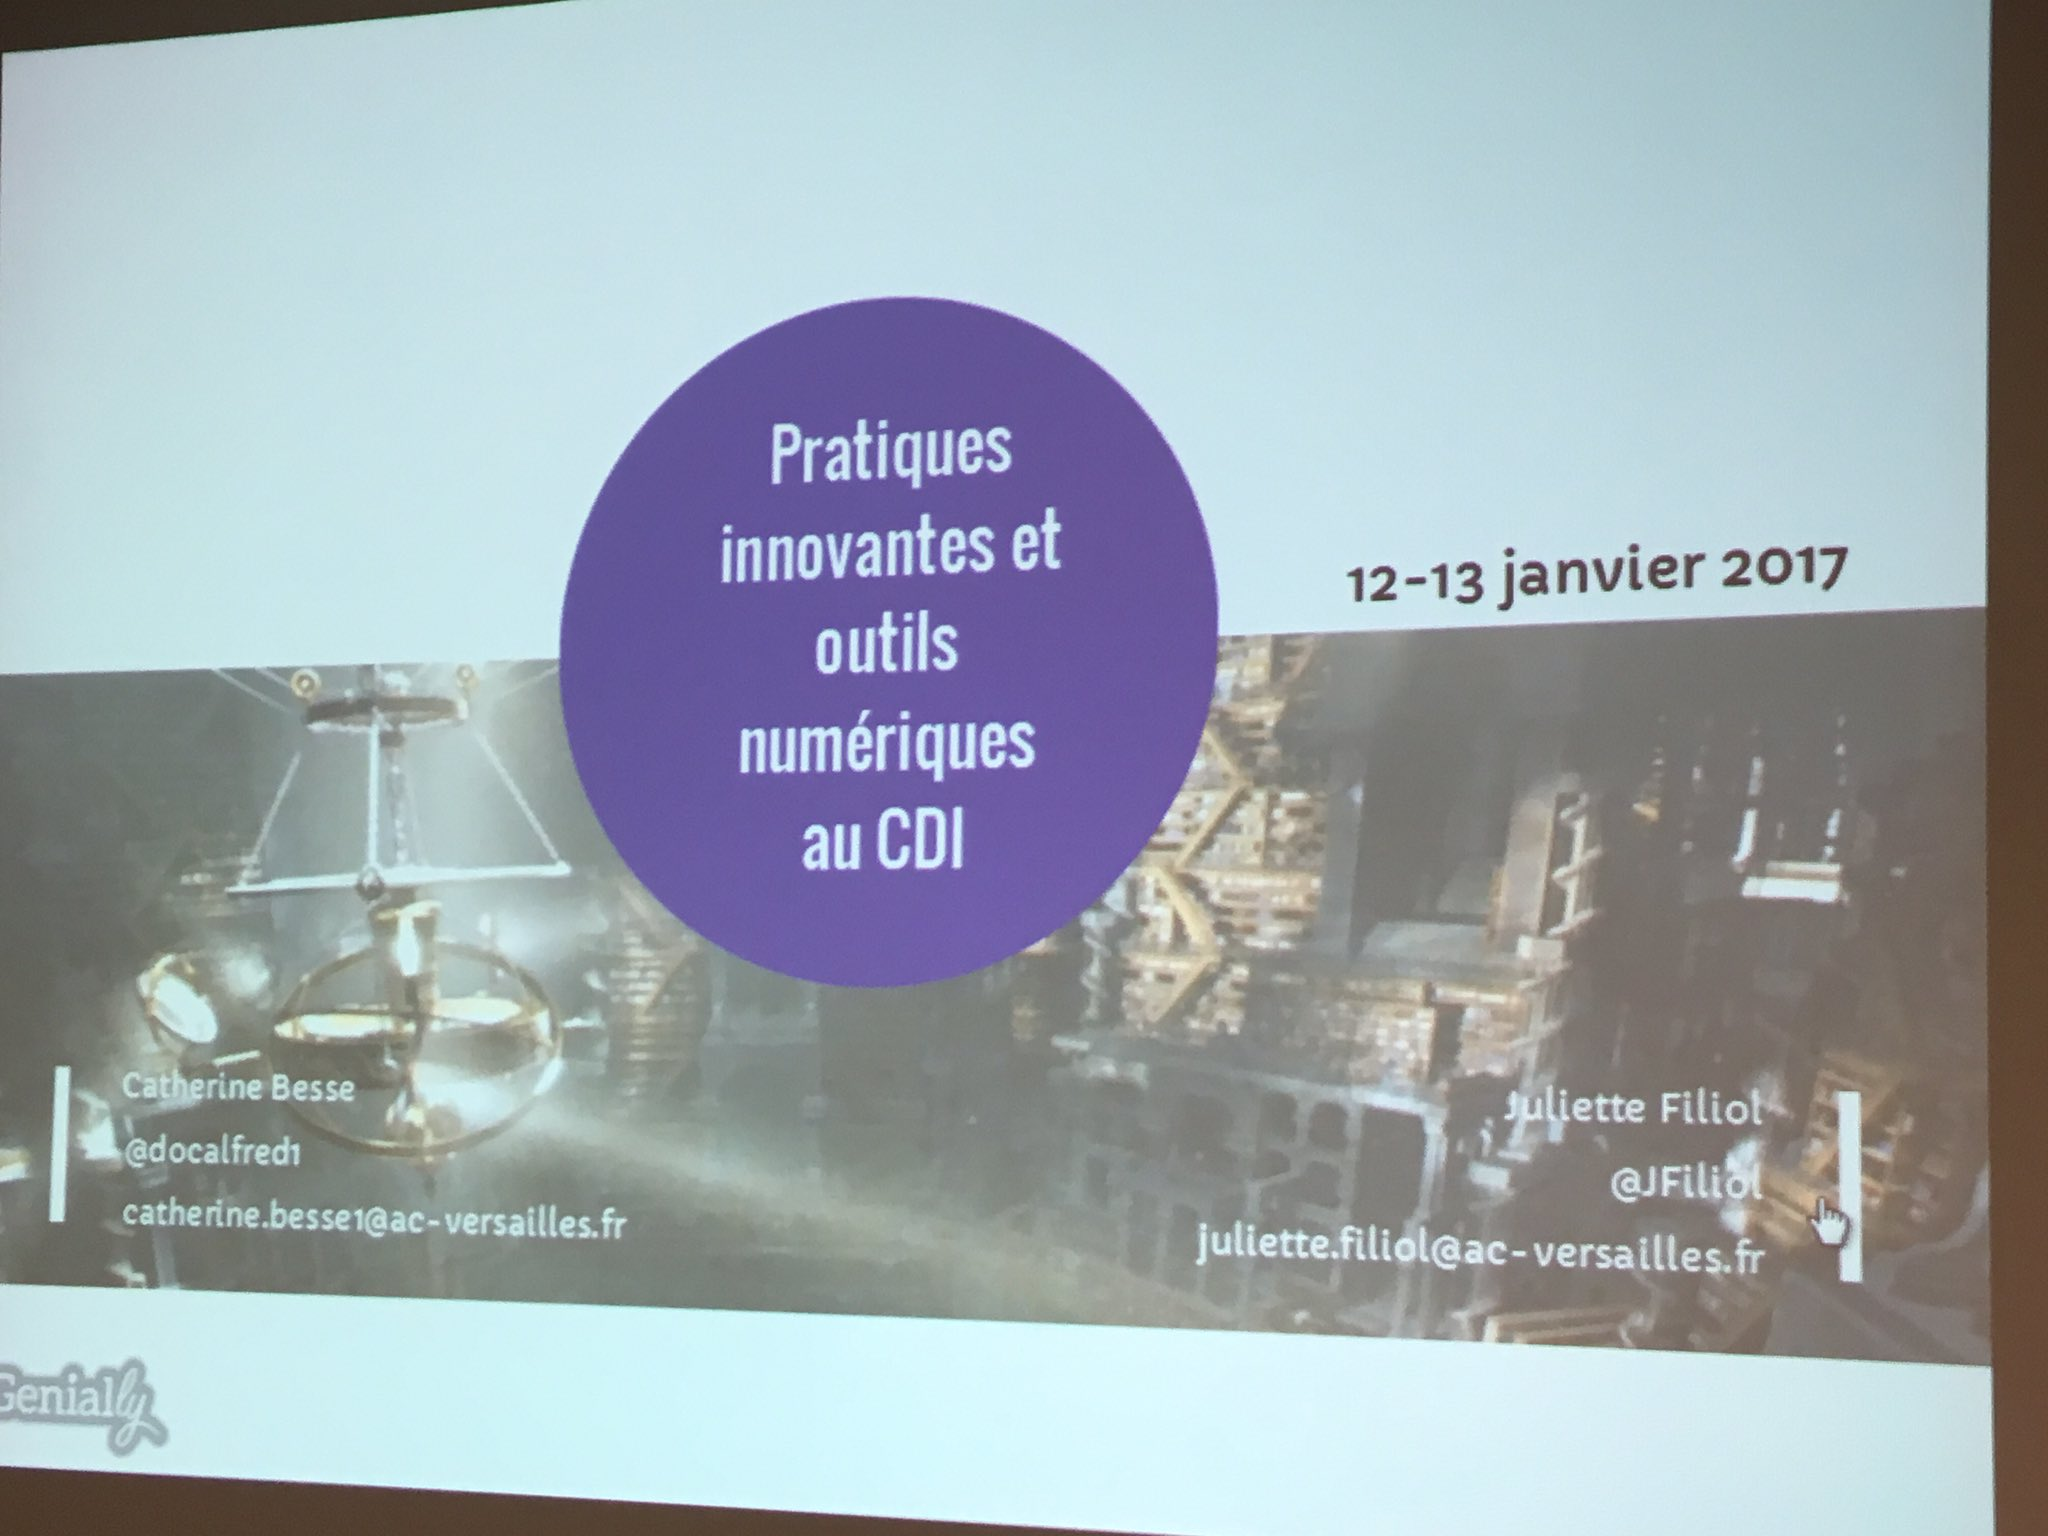 """Aujourd'hui stage #profdoc @DocVersailles """"Pratiques innovantes et outils numériques au CDI"""" avec @docalfred1 https://t.co/VnYKsju7Q0"""